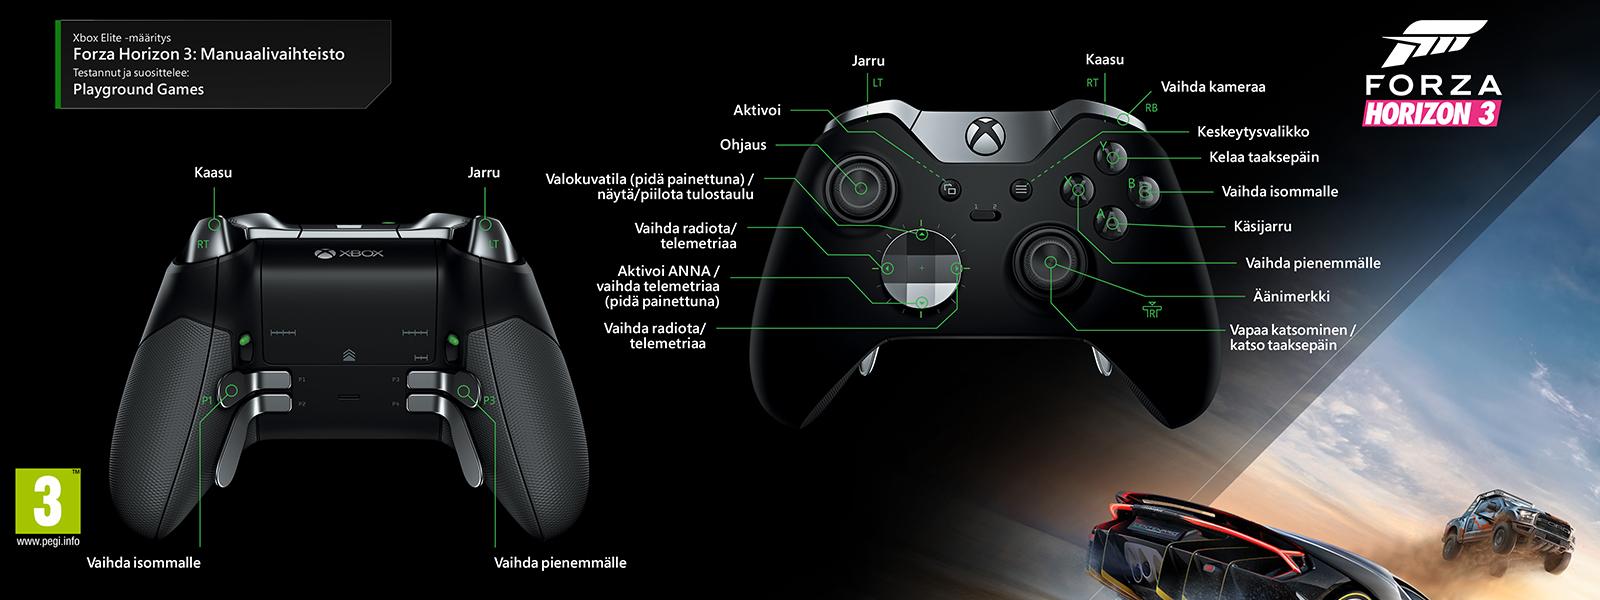 Forza Horizon 3 – Elite-määritys manuaalivaihteille